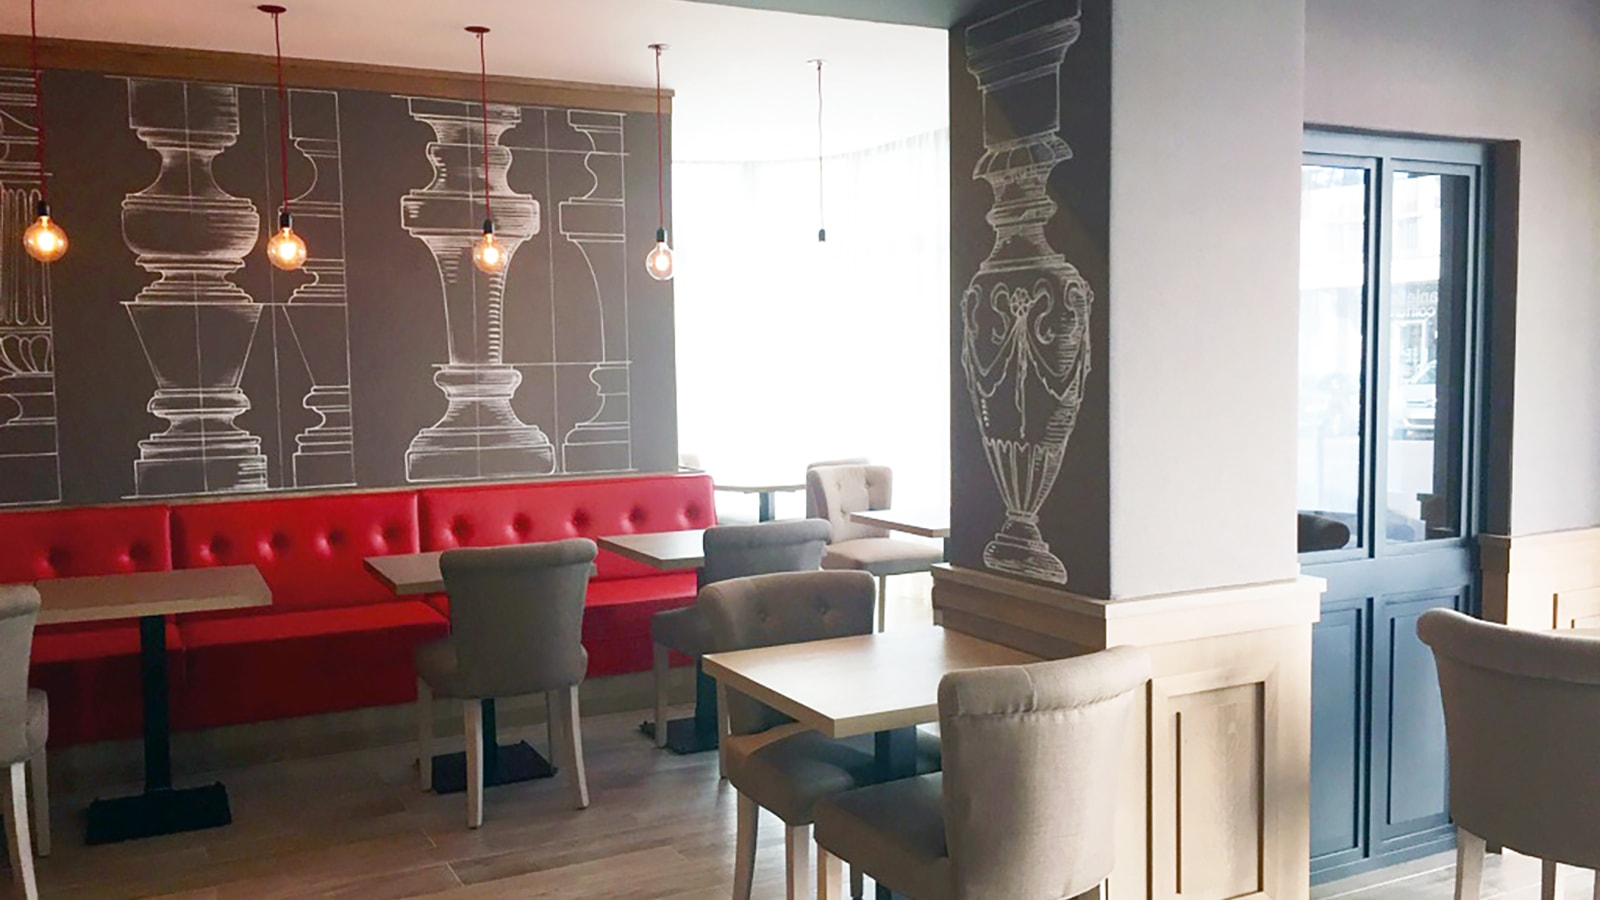 EFI Design Hotel Le 209 Paris Efi Design (4) 1186